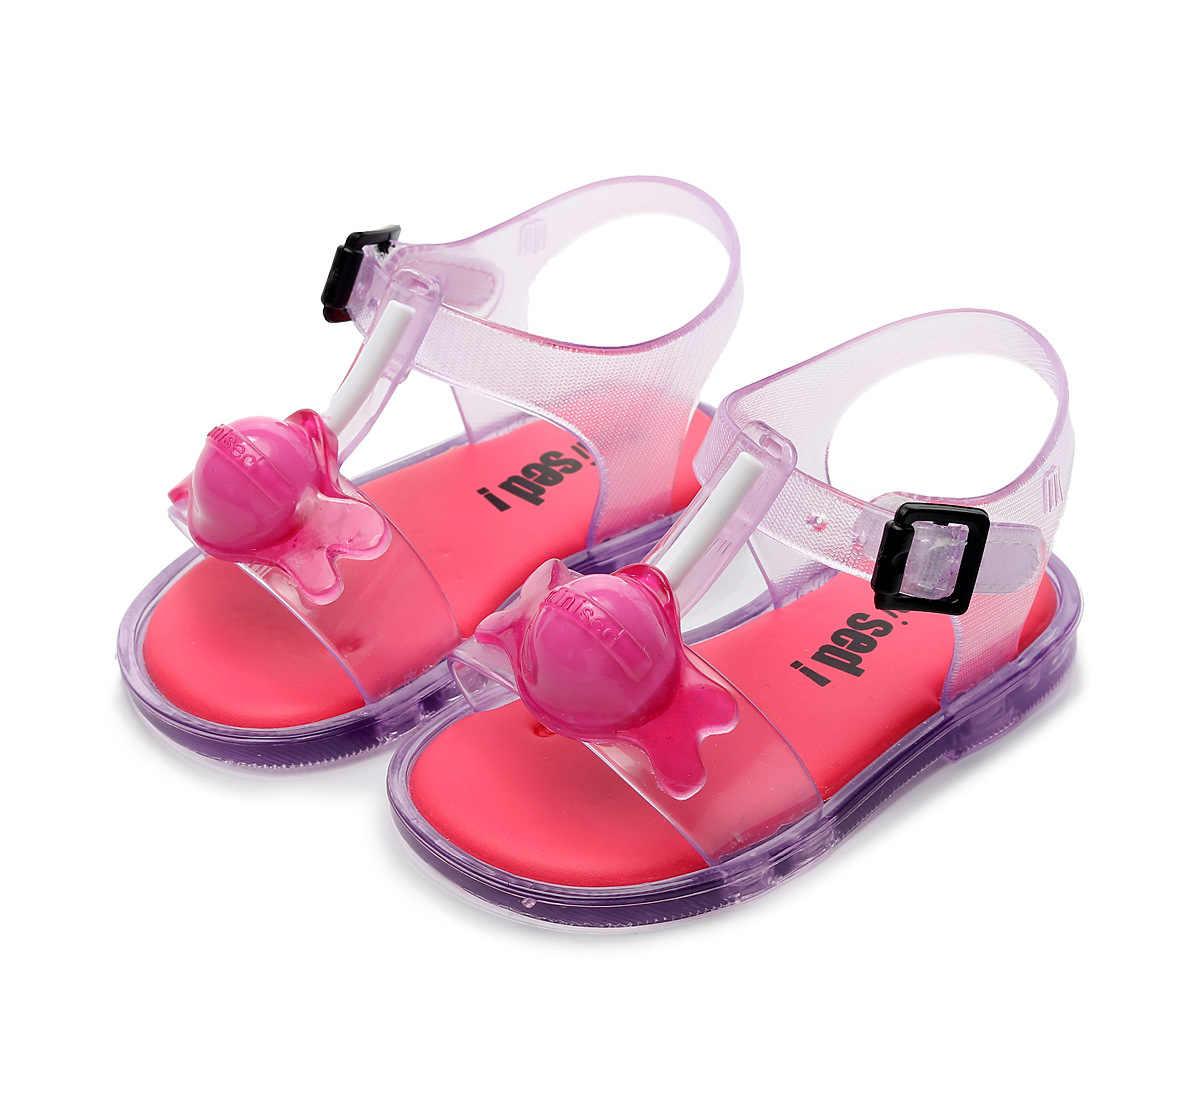 เด็ก MINI รองเท้าแตะ 2019 แฟชั่นสาวใหม่ Sticks Jelly รองเท้าเด็ก PVC รองเท้าแตะเด็กรองเท้าชายหาดรองเท้ารองเท้า